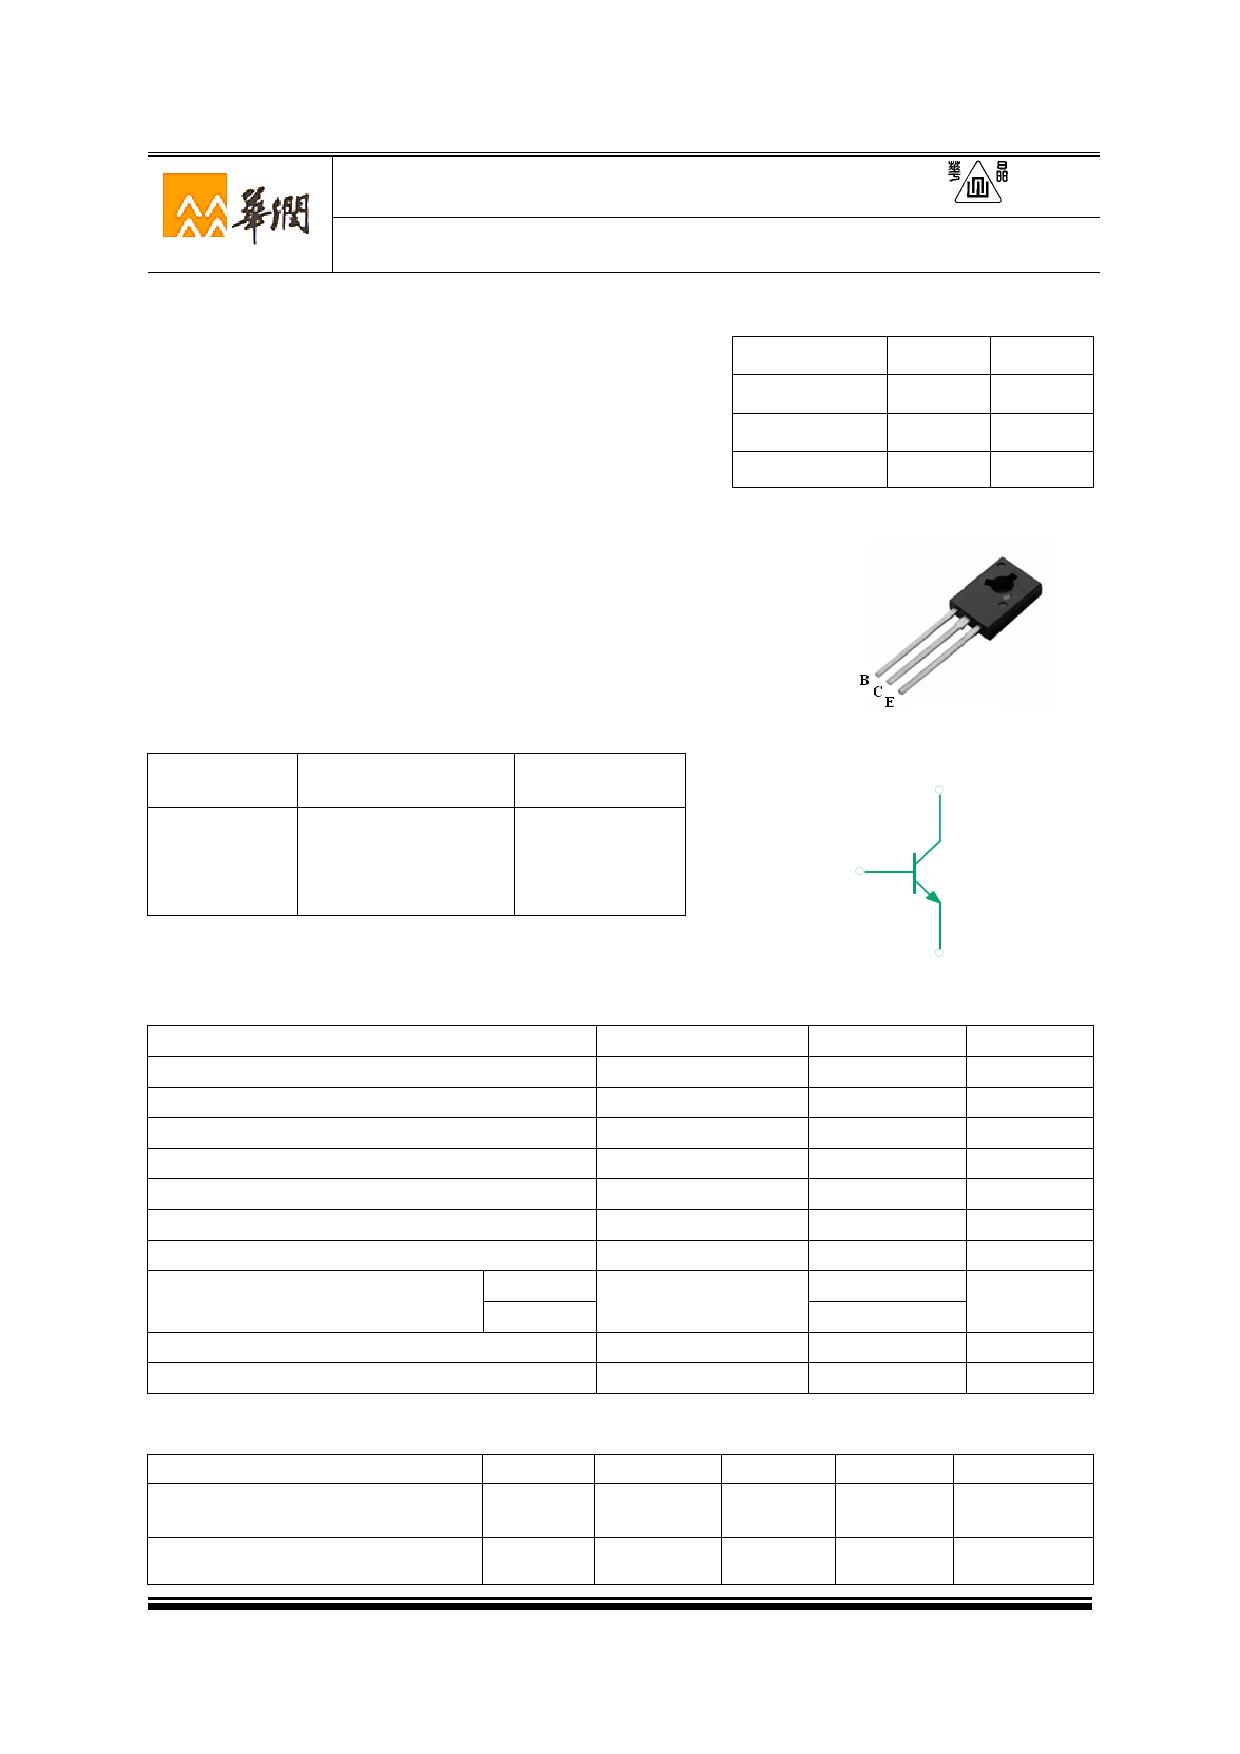 3DD3040A6 Datasheet, 3DD3040A6 PDF,ピン配置, 機能